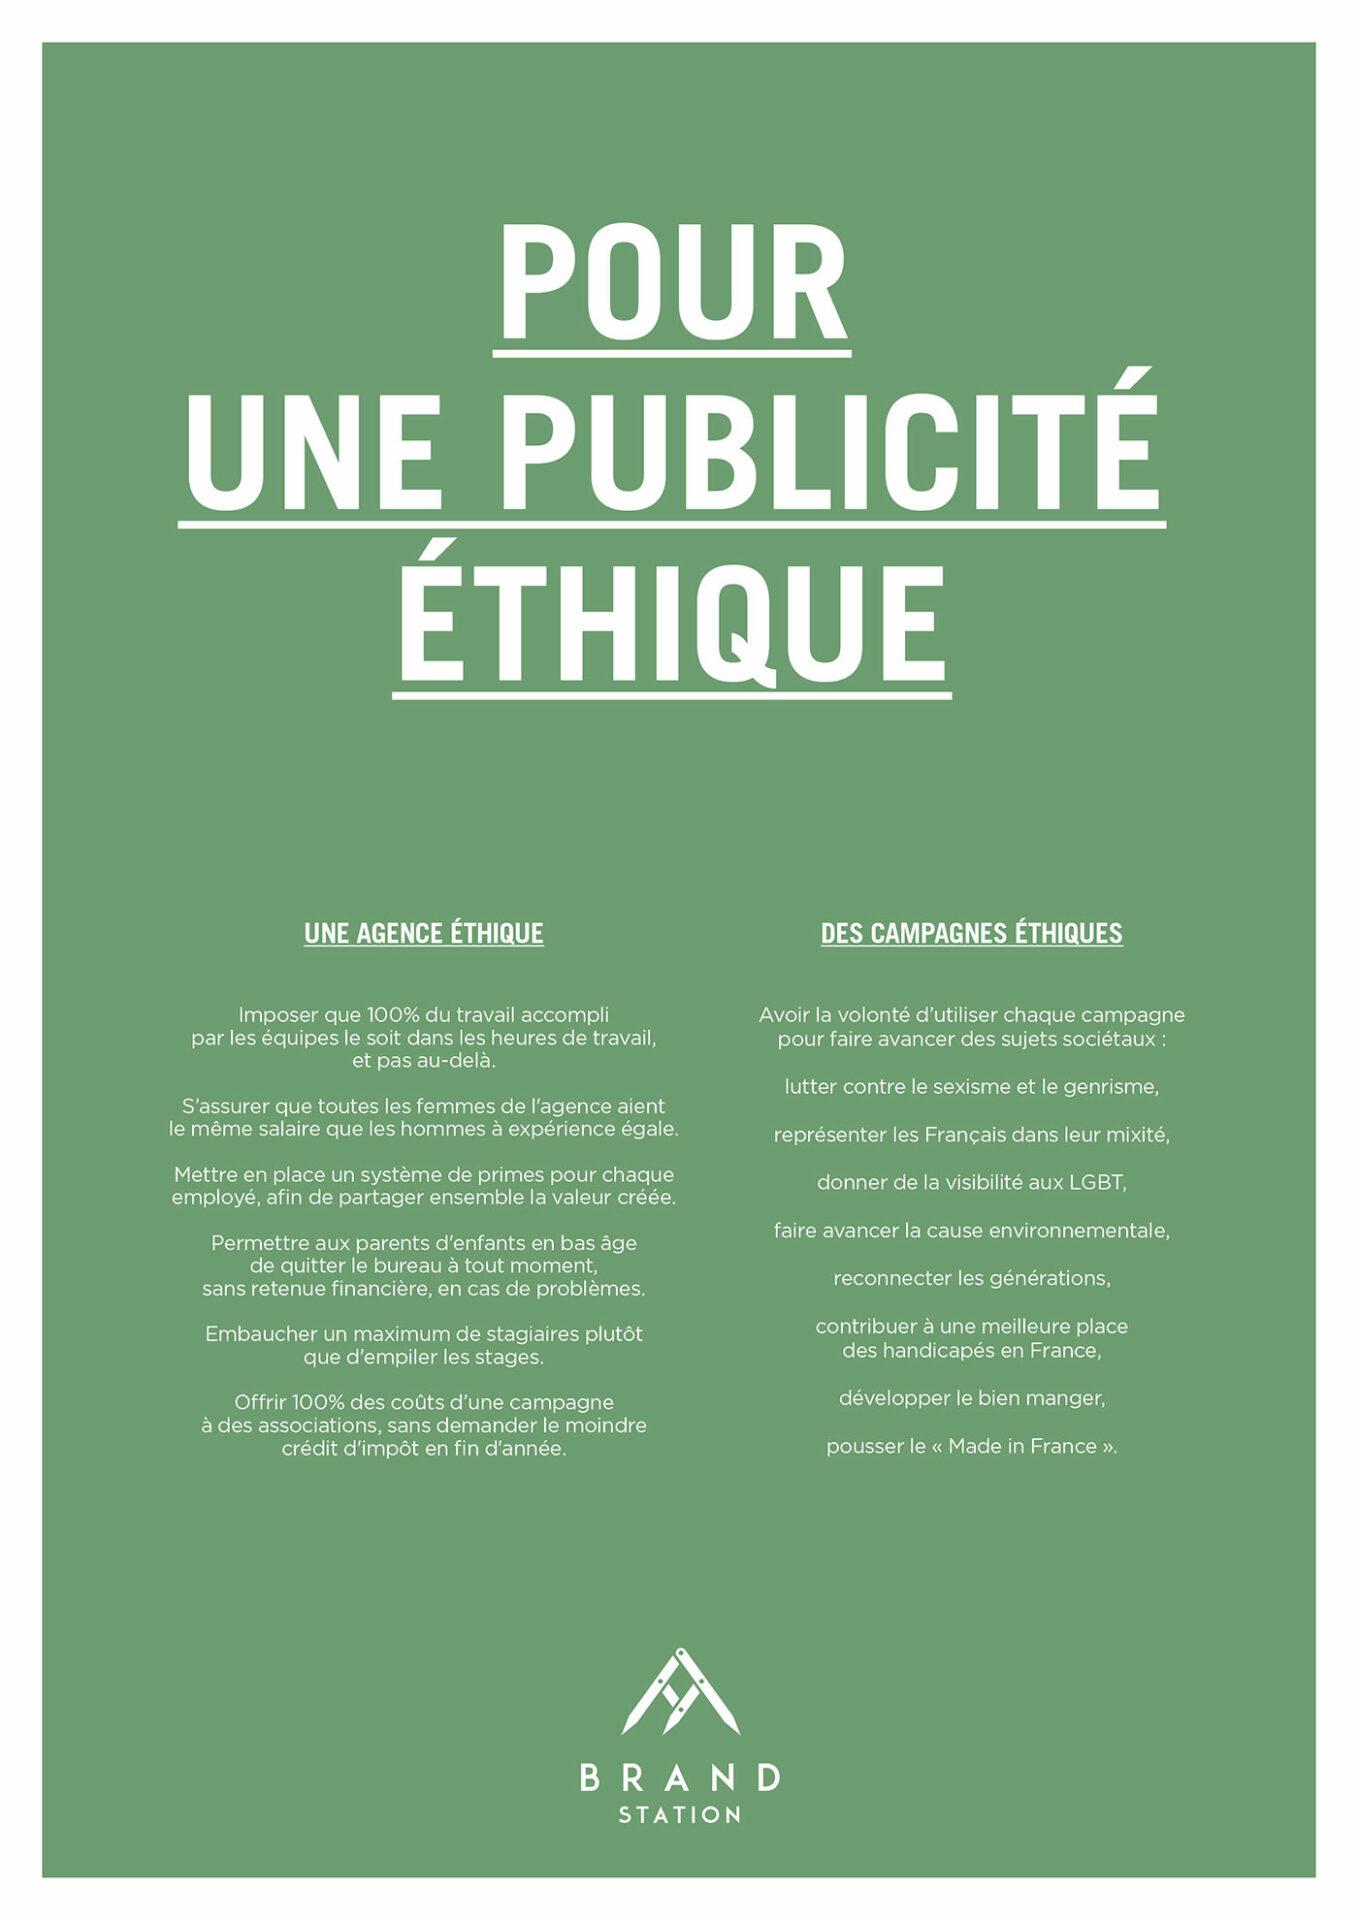 ethique - Loïc Chauveau